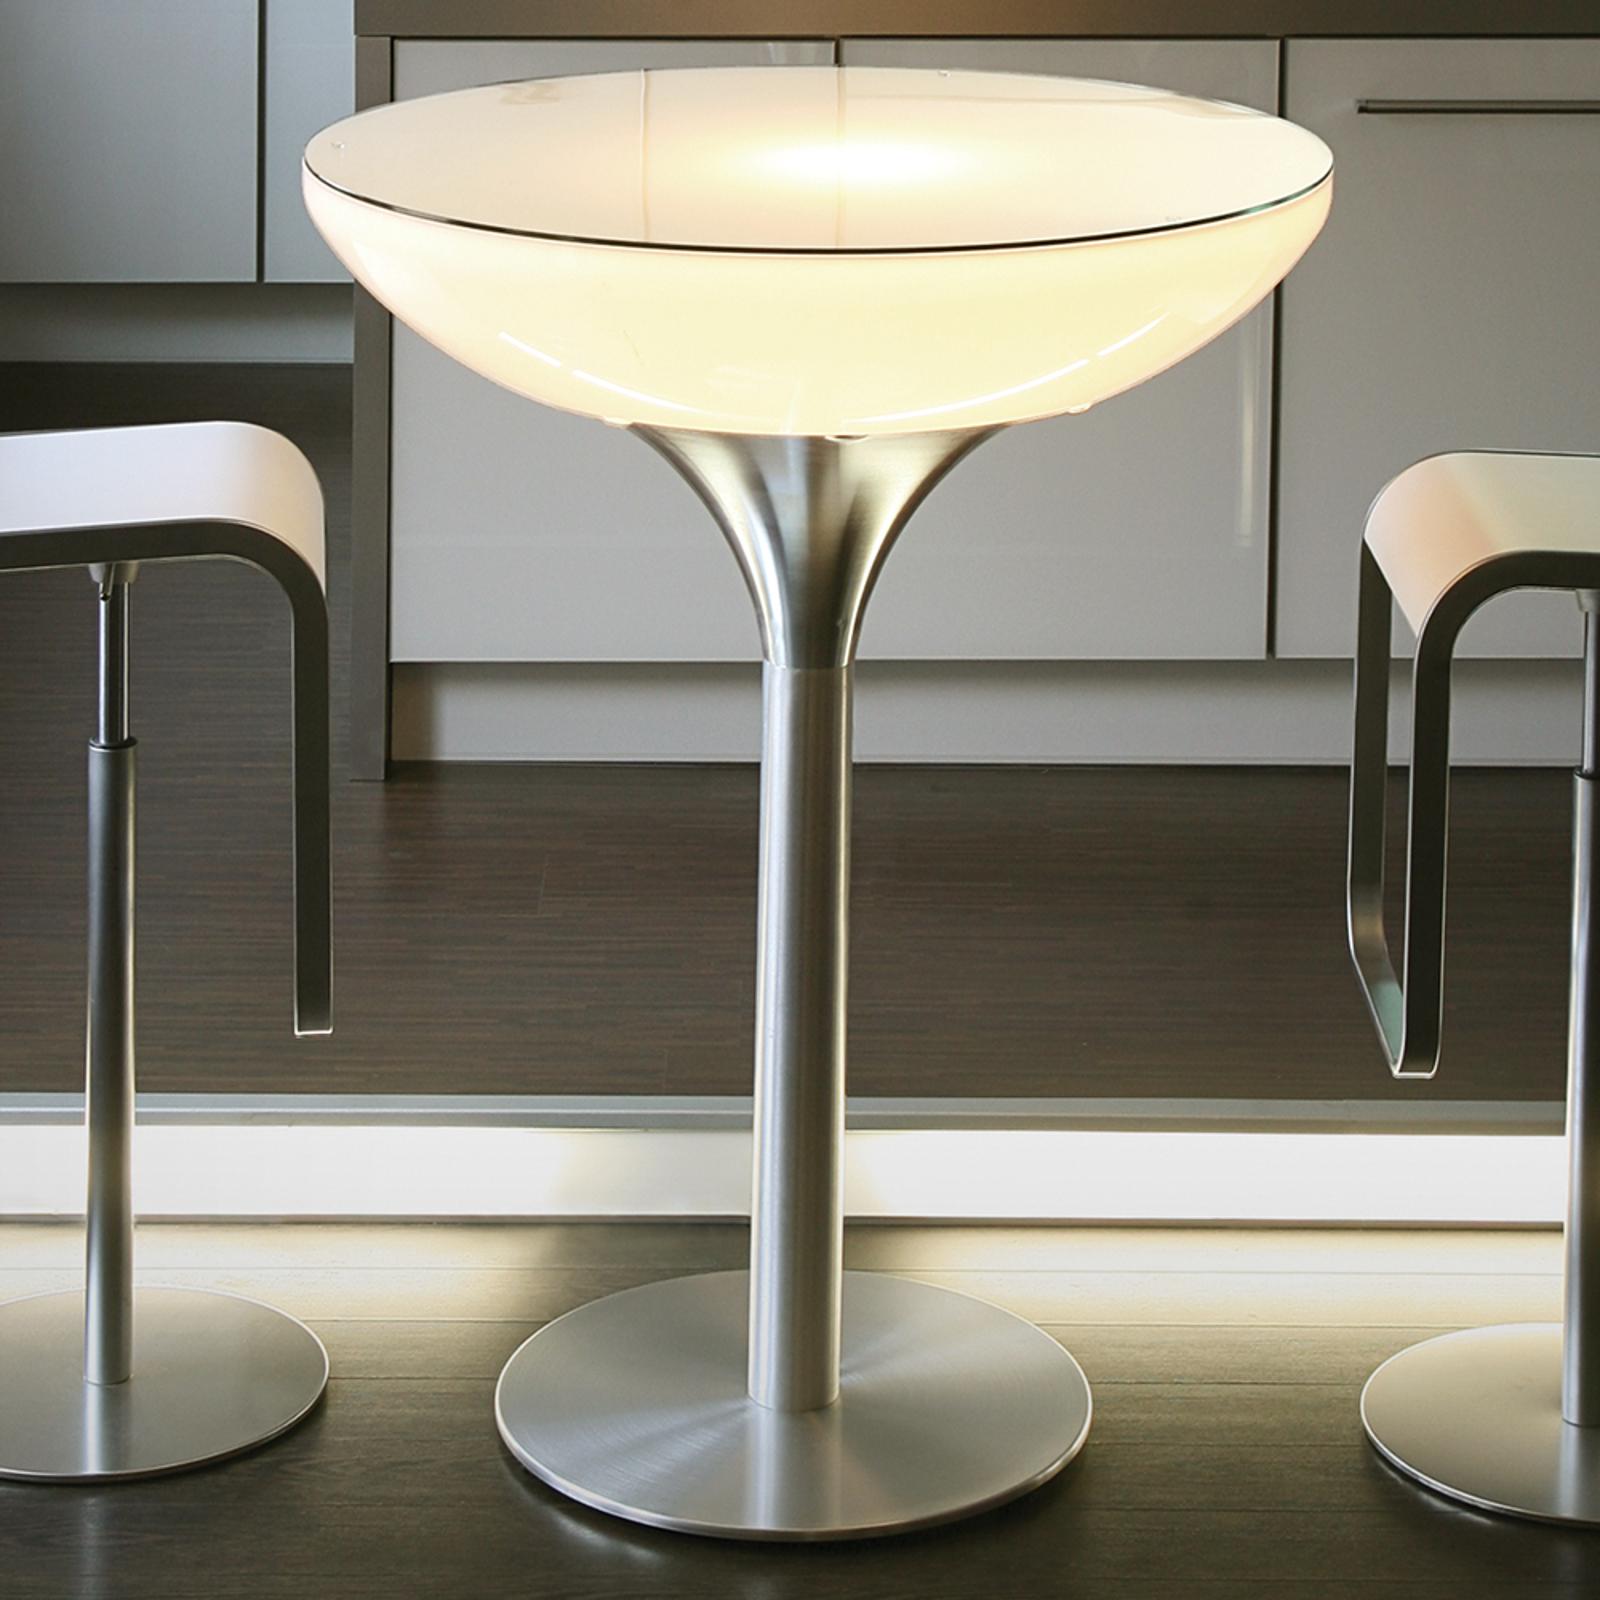 Bedienbare LED tafel Lounge Pro Accu 105 cm